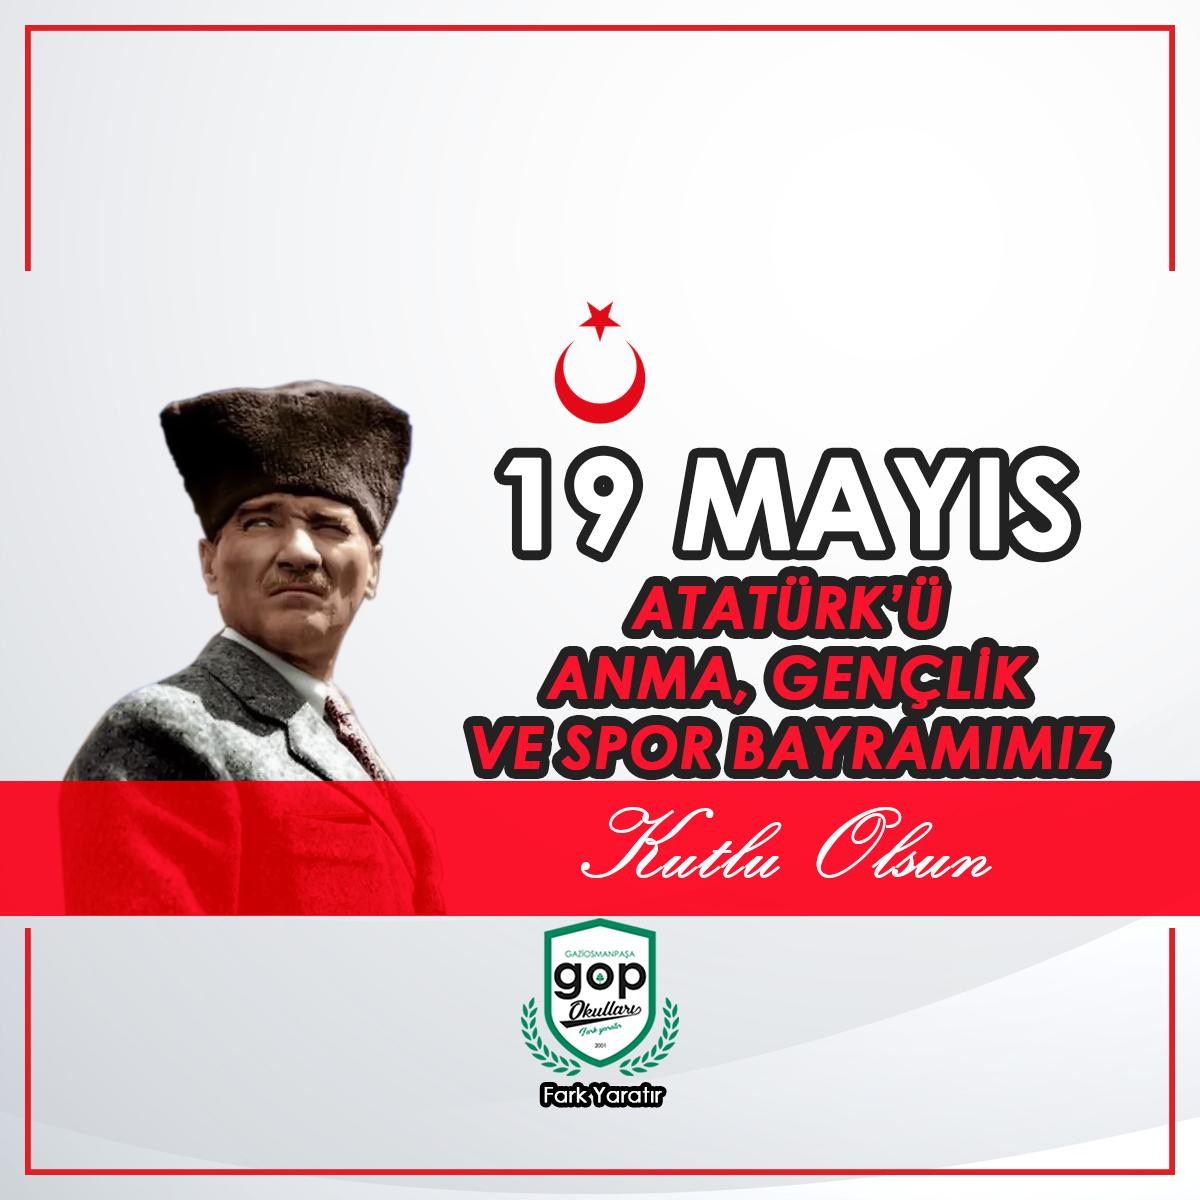 19 Mayıs ATATÜRK'Ü ANMA, ve GENÇLİK VE SPOR bayramımız Kutlu Olsun.